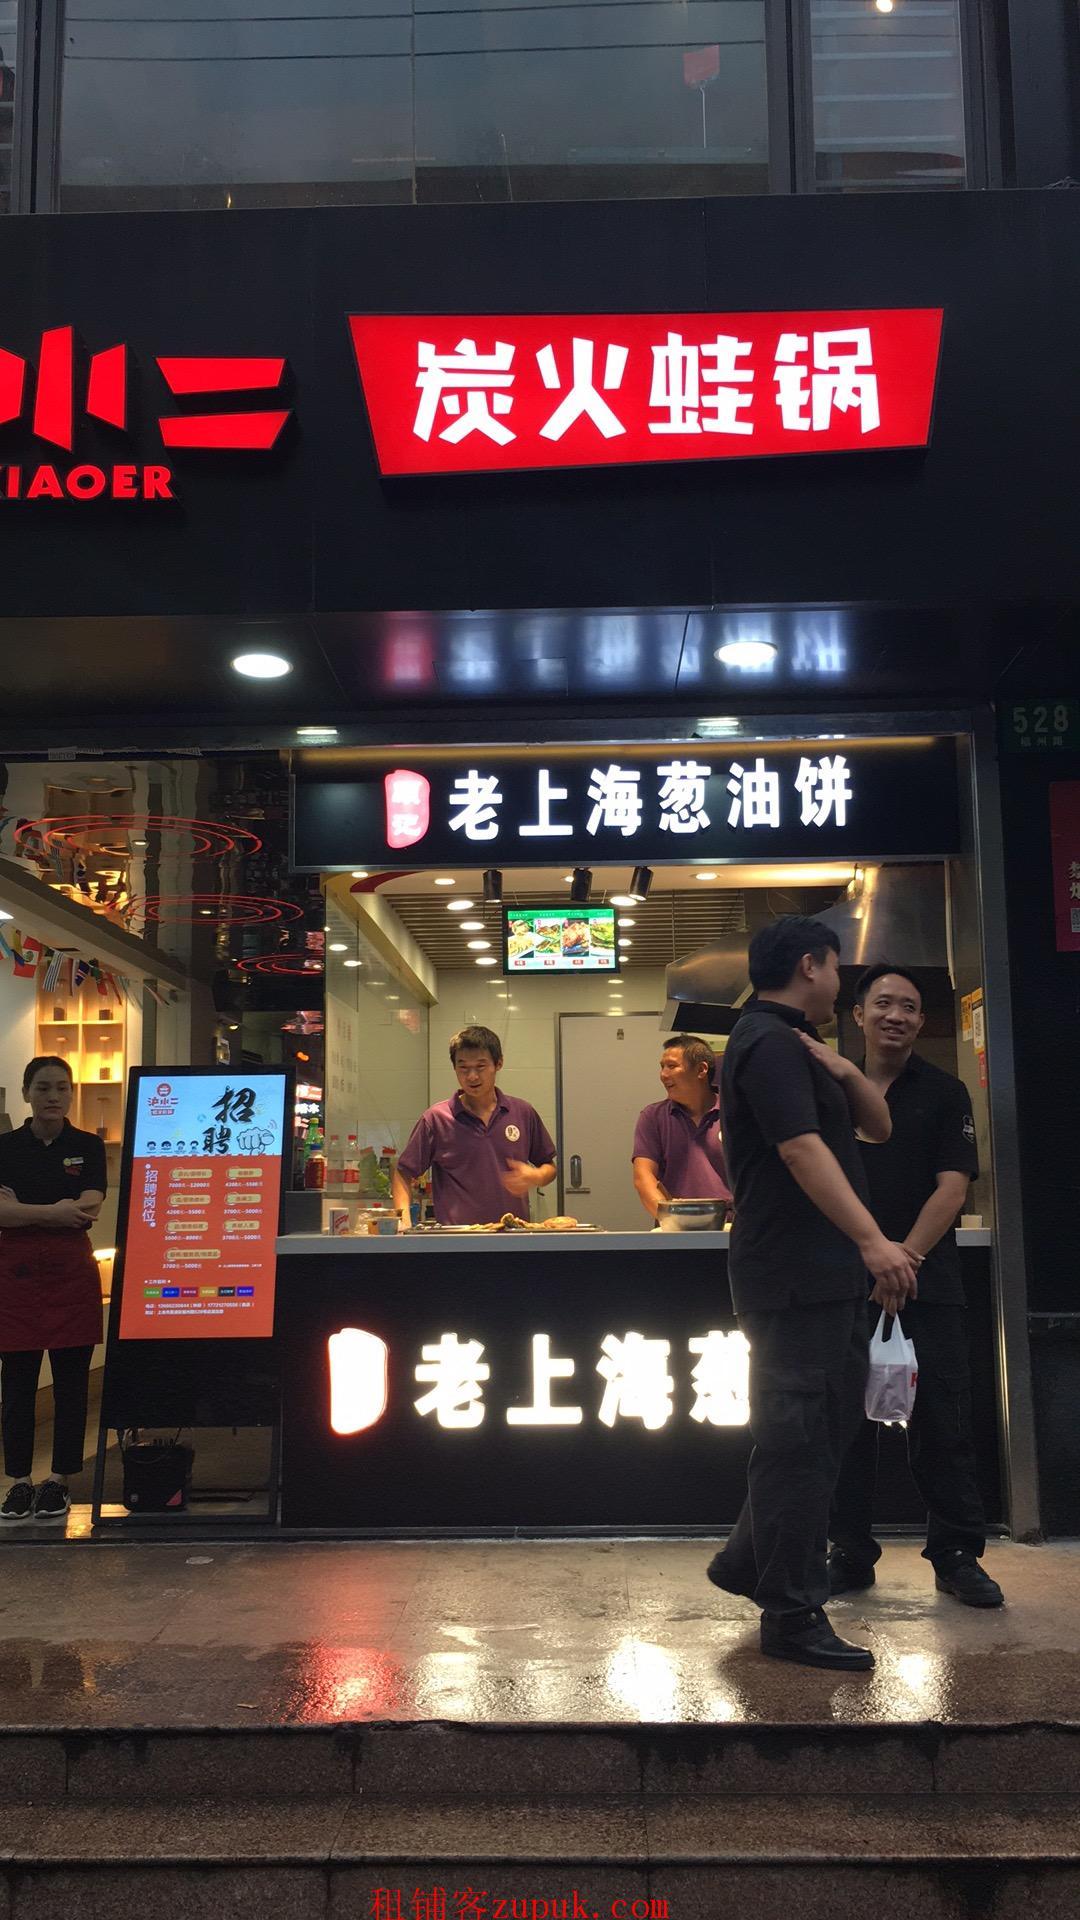 光大会展中心对面餐饮店铺 漕宝路沿街楼上无居民